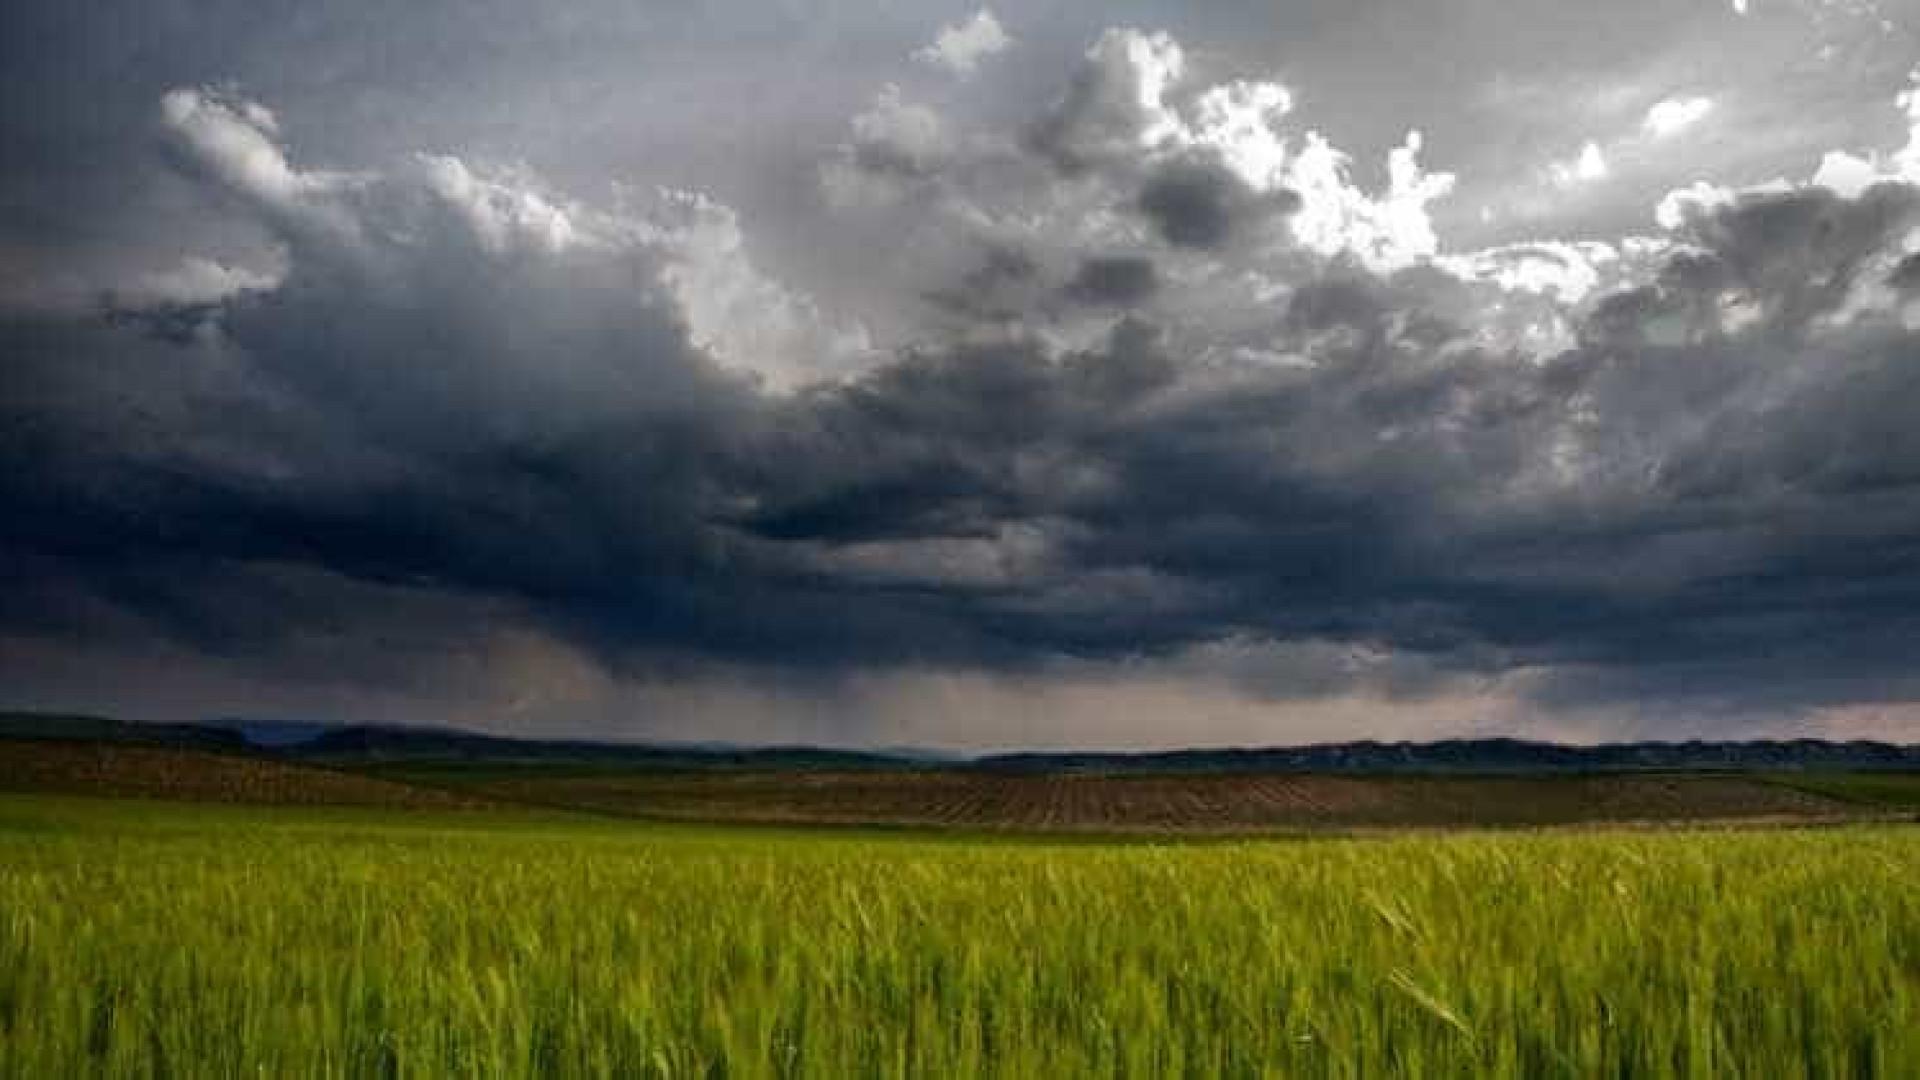 naom 564c6e3f80714 - Em quatro anos, secas e inundações afetaram 55,7 milhões de brasileiros